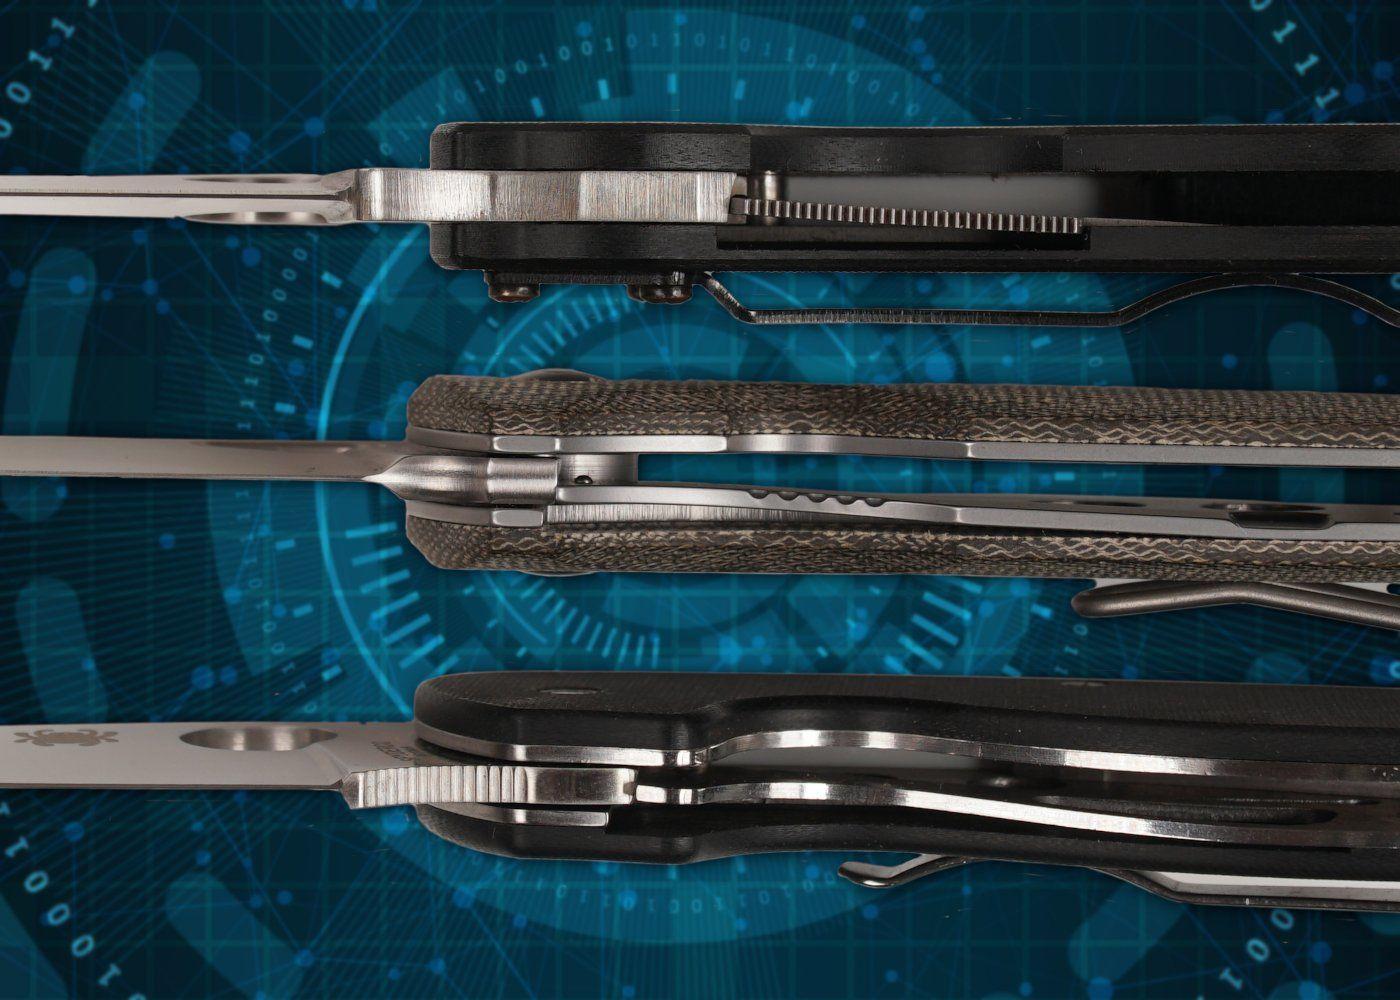 Linerlock - Klingenverriegelung für Taschenmesser